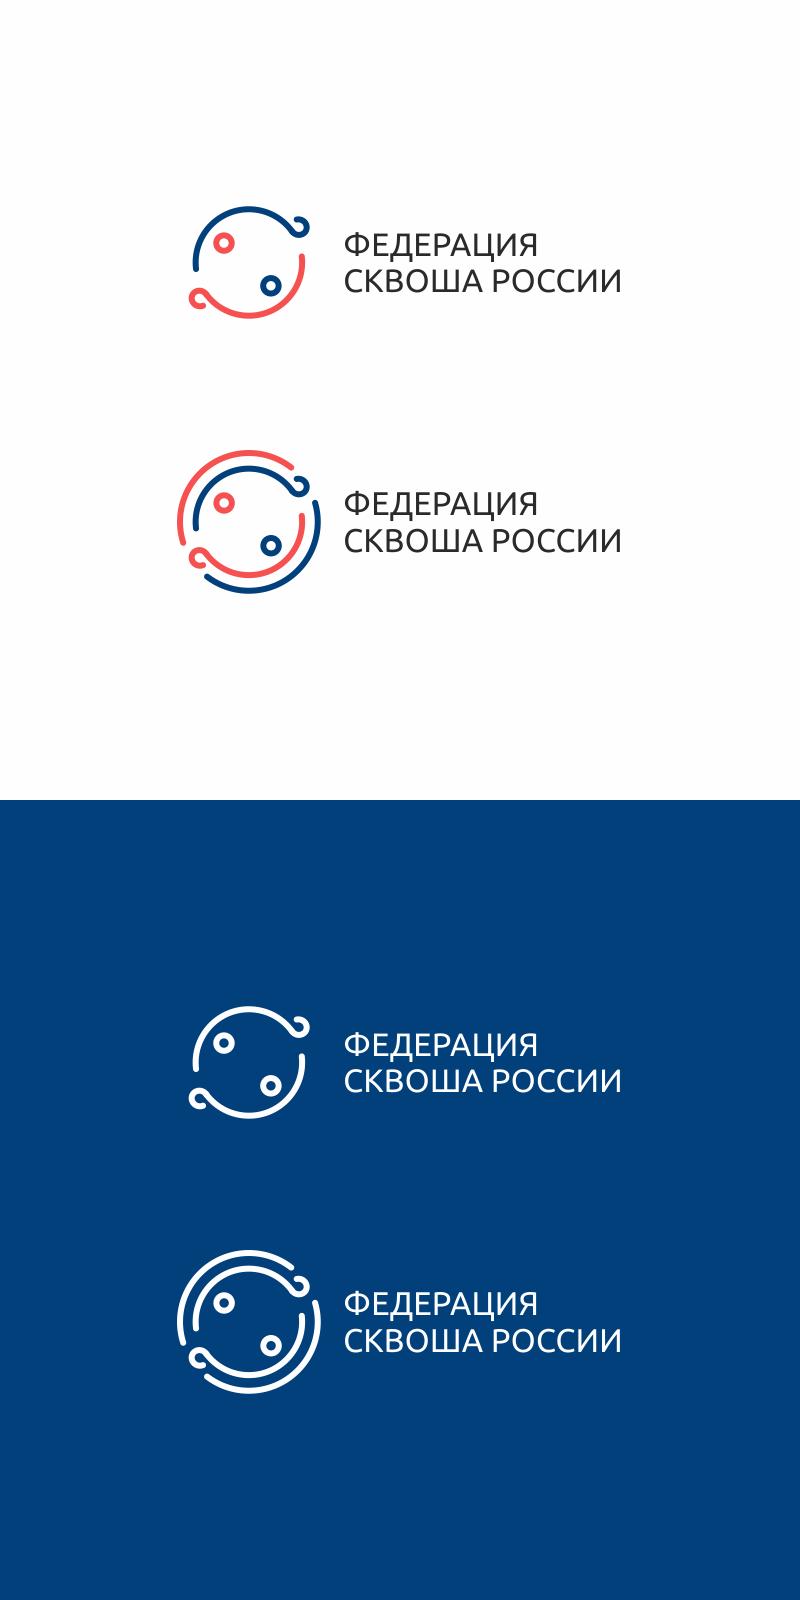 Разработать логотип для Федерации сквоша России фото f_4275f396f4b8e829.png